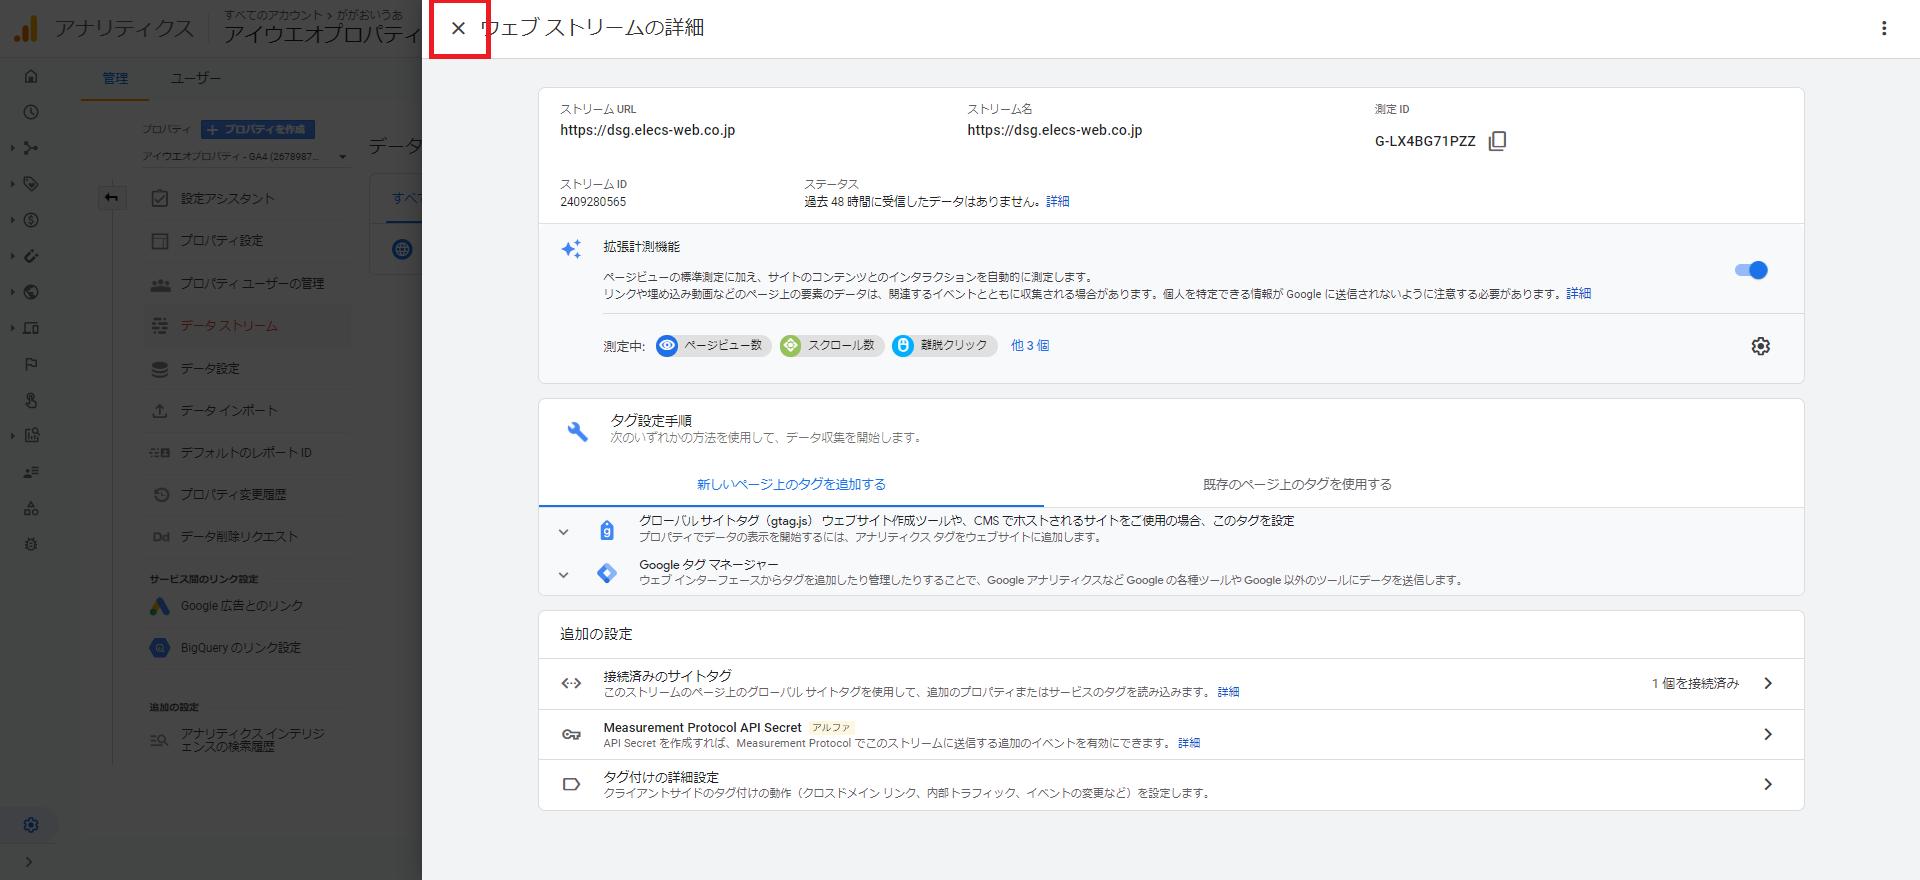 Googleアナリティクス ウェブストリームの詳細